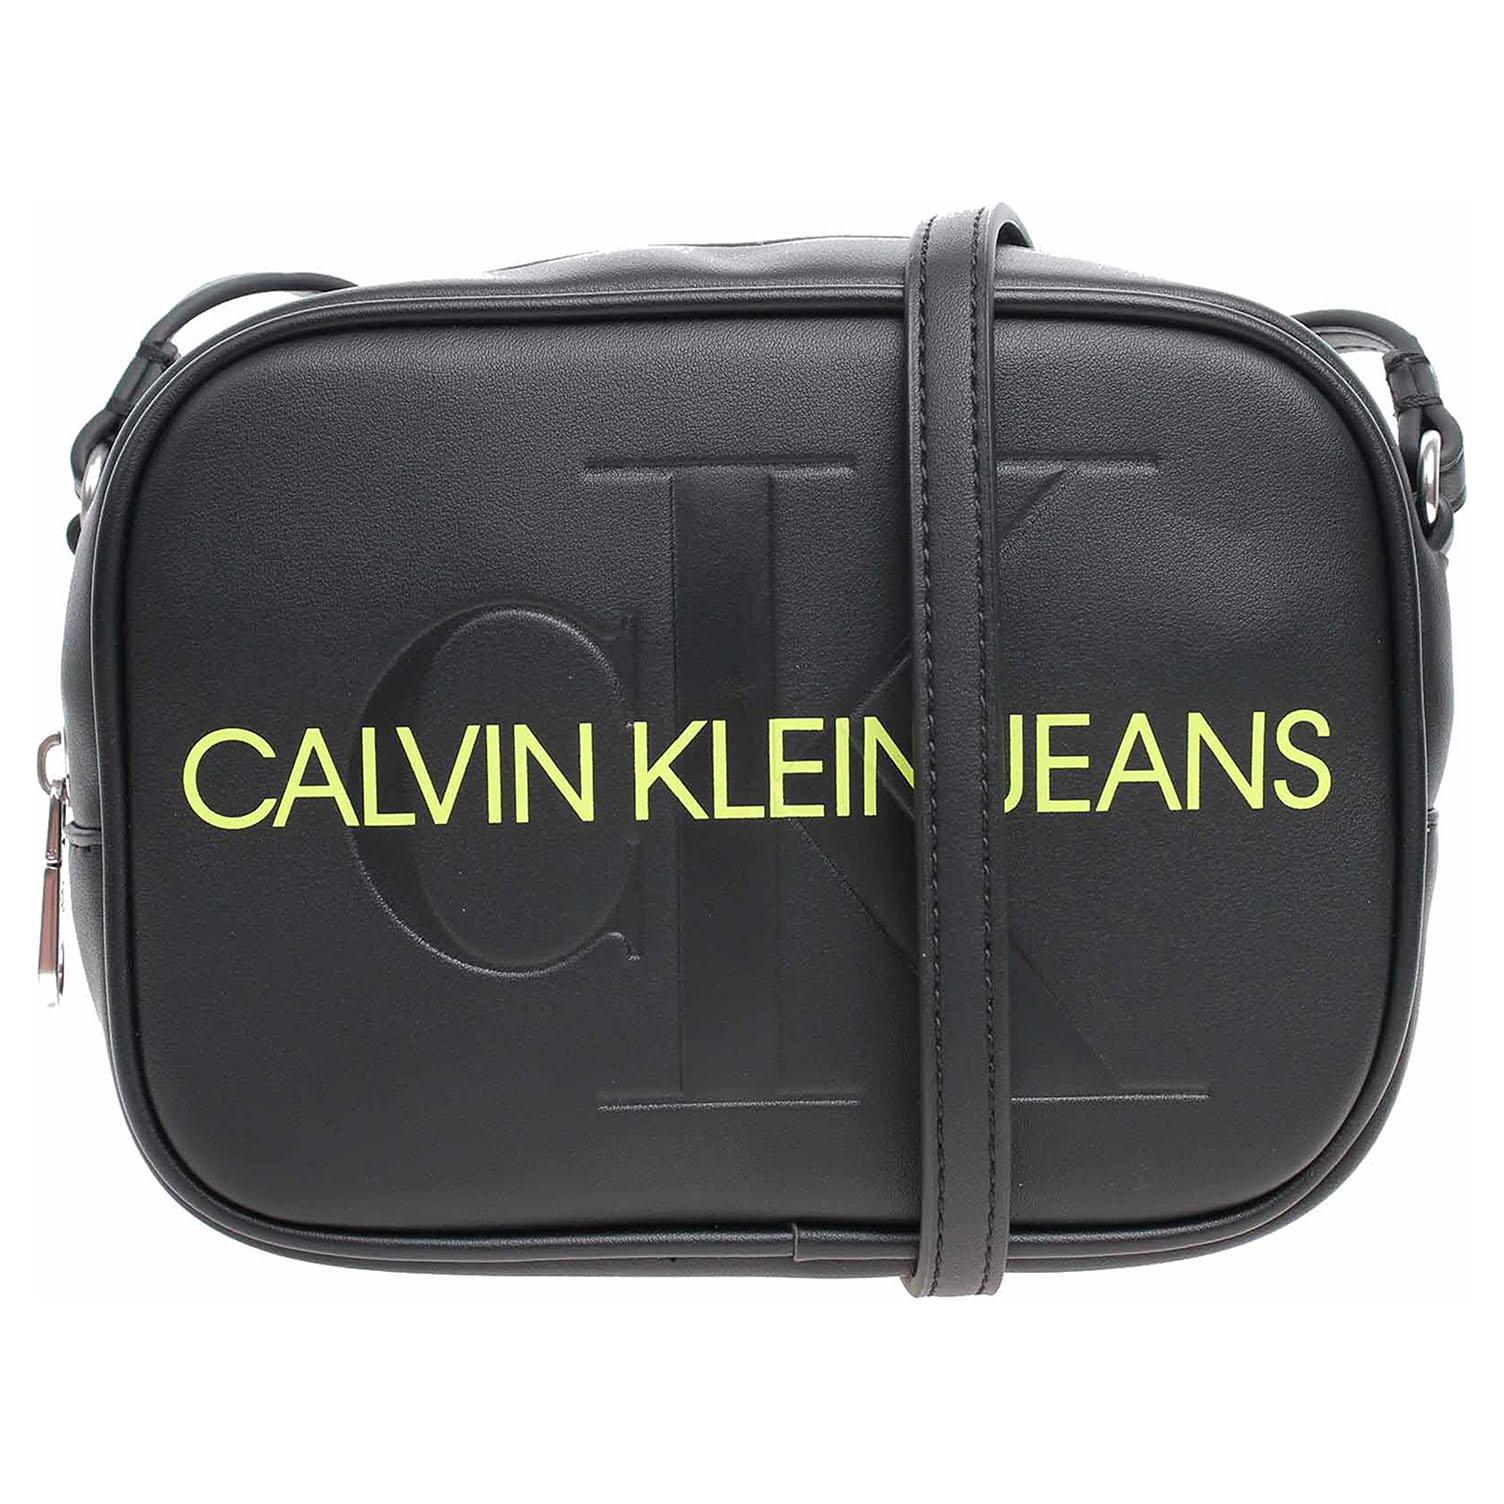 Ecco Calvin Klein dámská kabelka K60K608373 BDS black 11891811